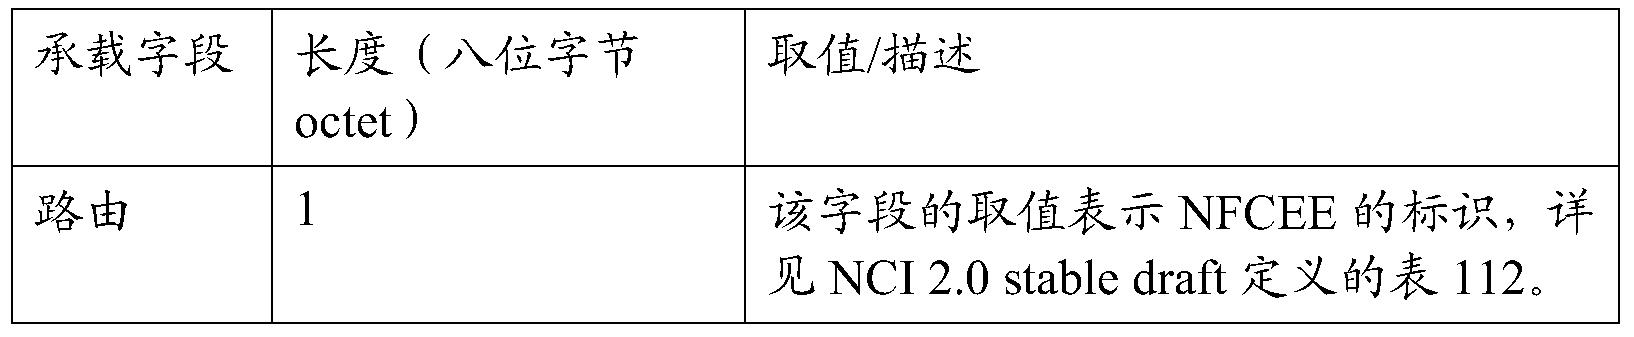 Figure PCTCN2014087999-appb-000011